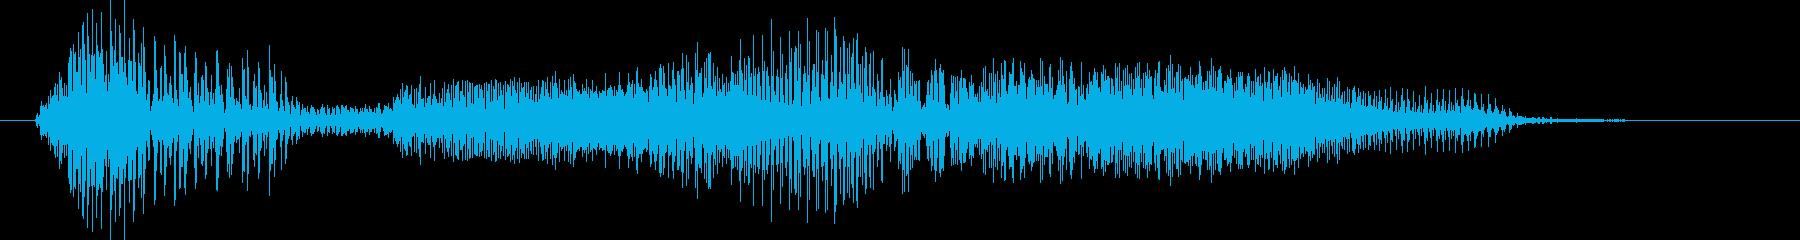 江戸っ子風「あのやろう」の再生済みの波形